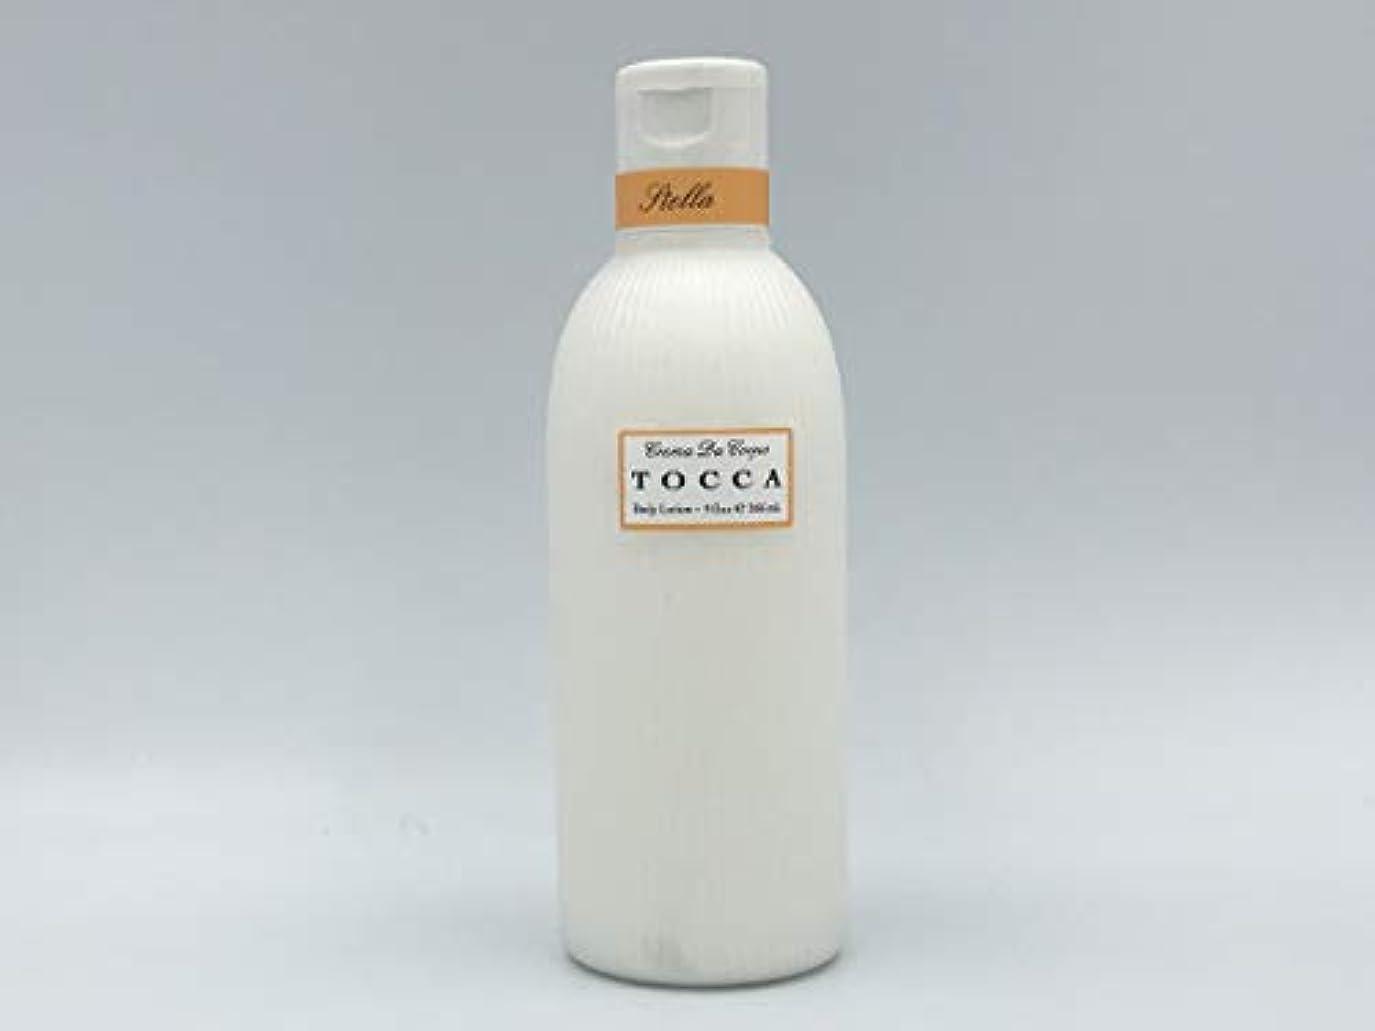 専門化するコスチューム形容詞トッカ TOCCA ボディローション ステラ 266ml (香水/コスメ) 新品 [並行輸入品]